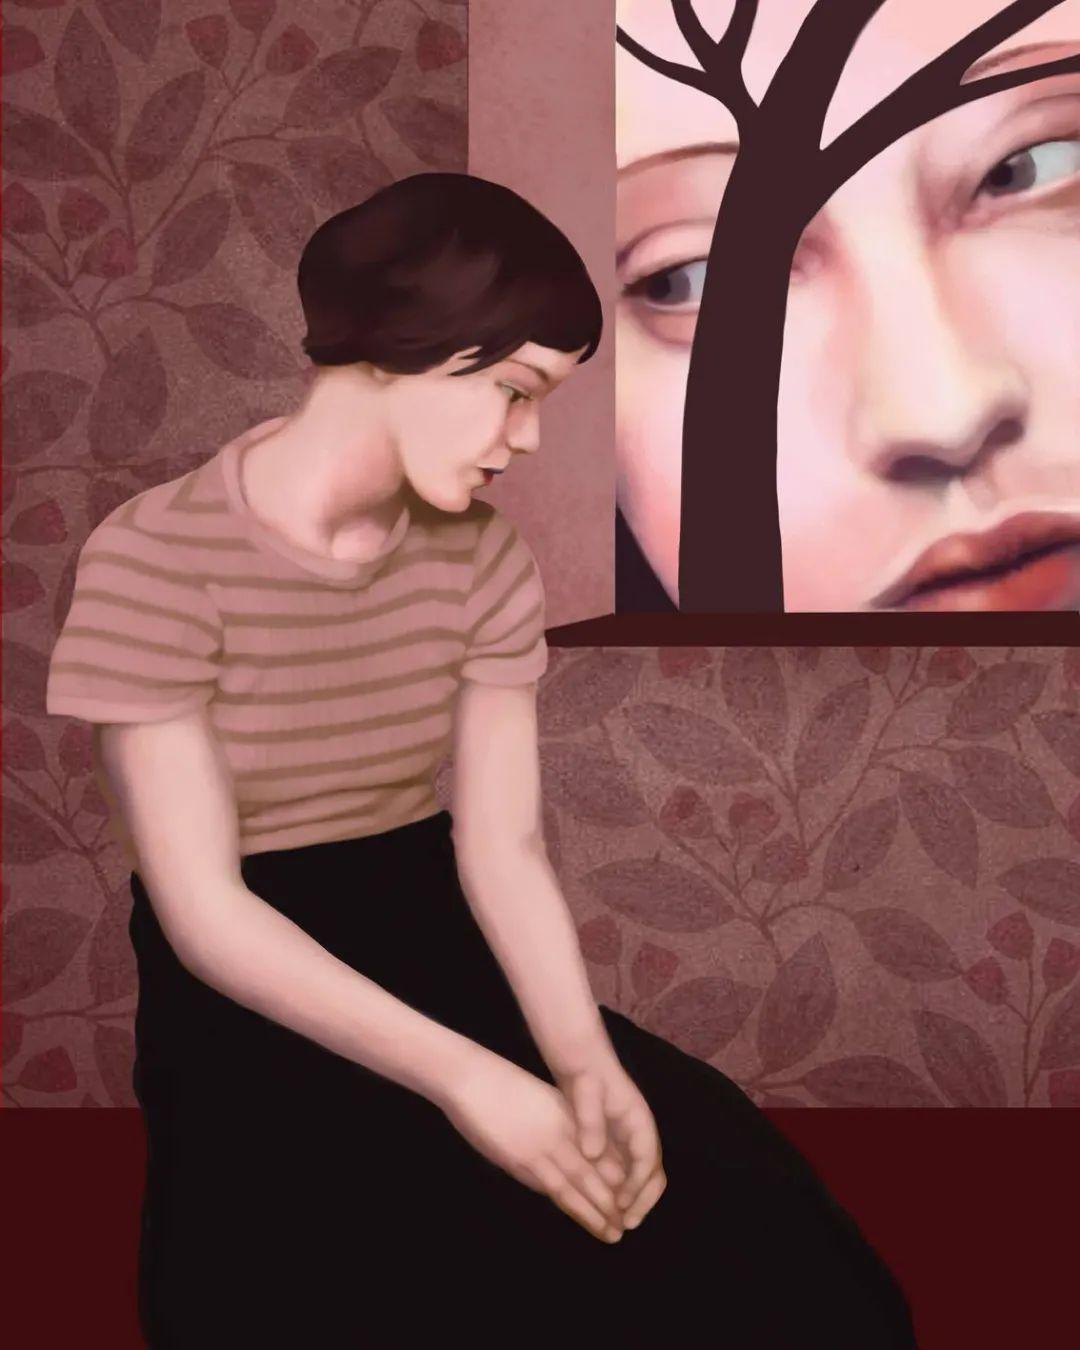 超现实的、空灵的女性形象插图77